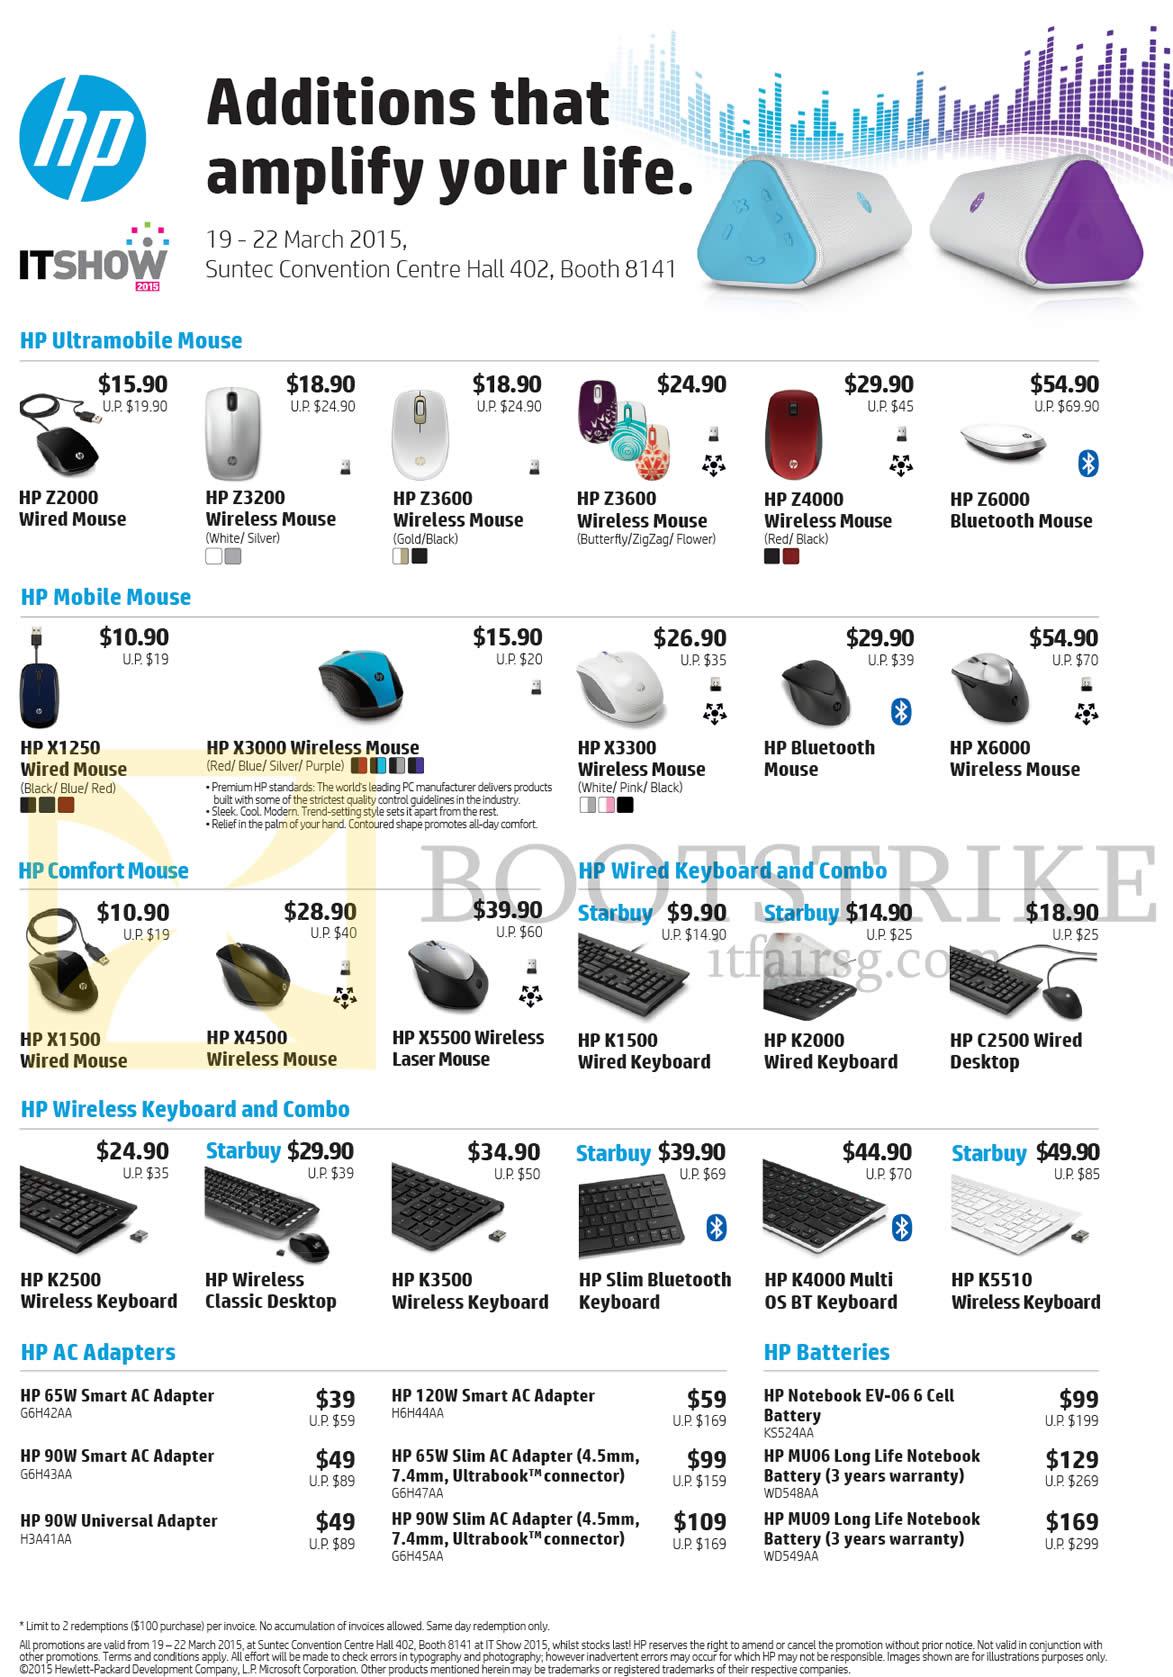 IT SHOW 2015 price list image brochure of HP Accessories Mouse, Keyboard, AC Adapters, Batteries, Z2000, Z3200, Z3600, Z4000, Z6000, X1250, X3000, X3300, X6000, X1500, X4500, X5500, K1500